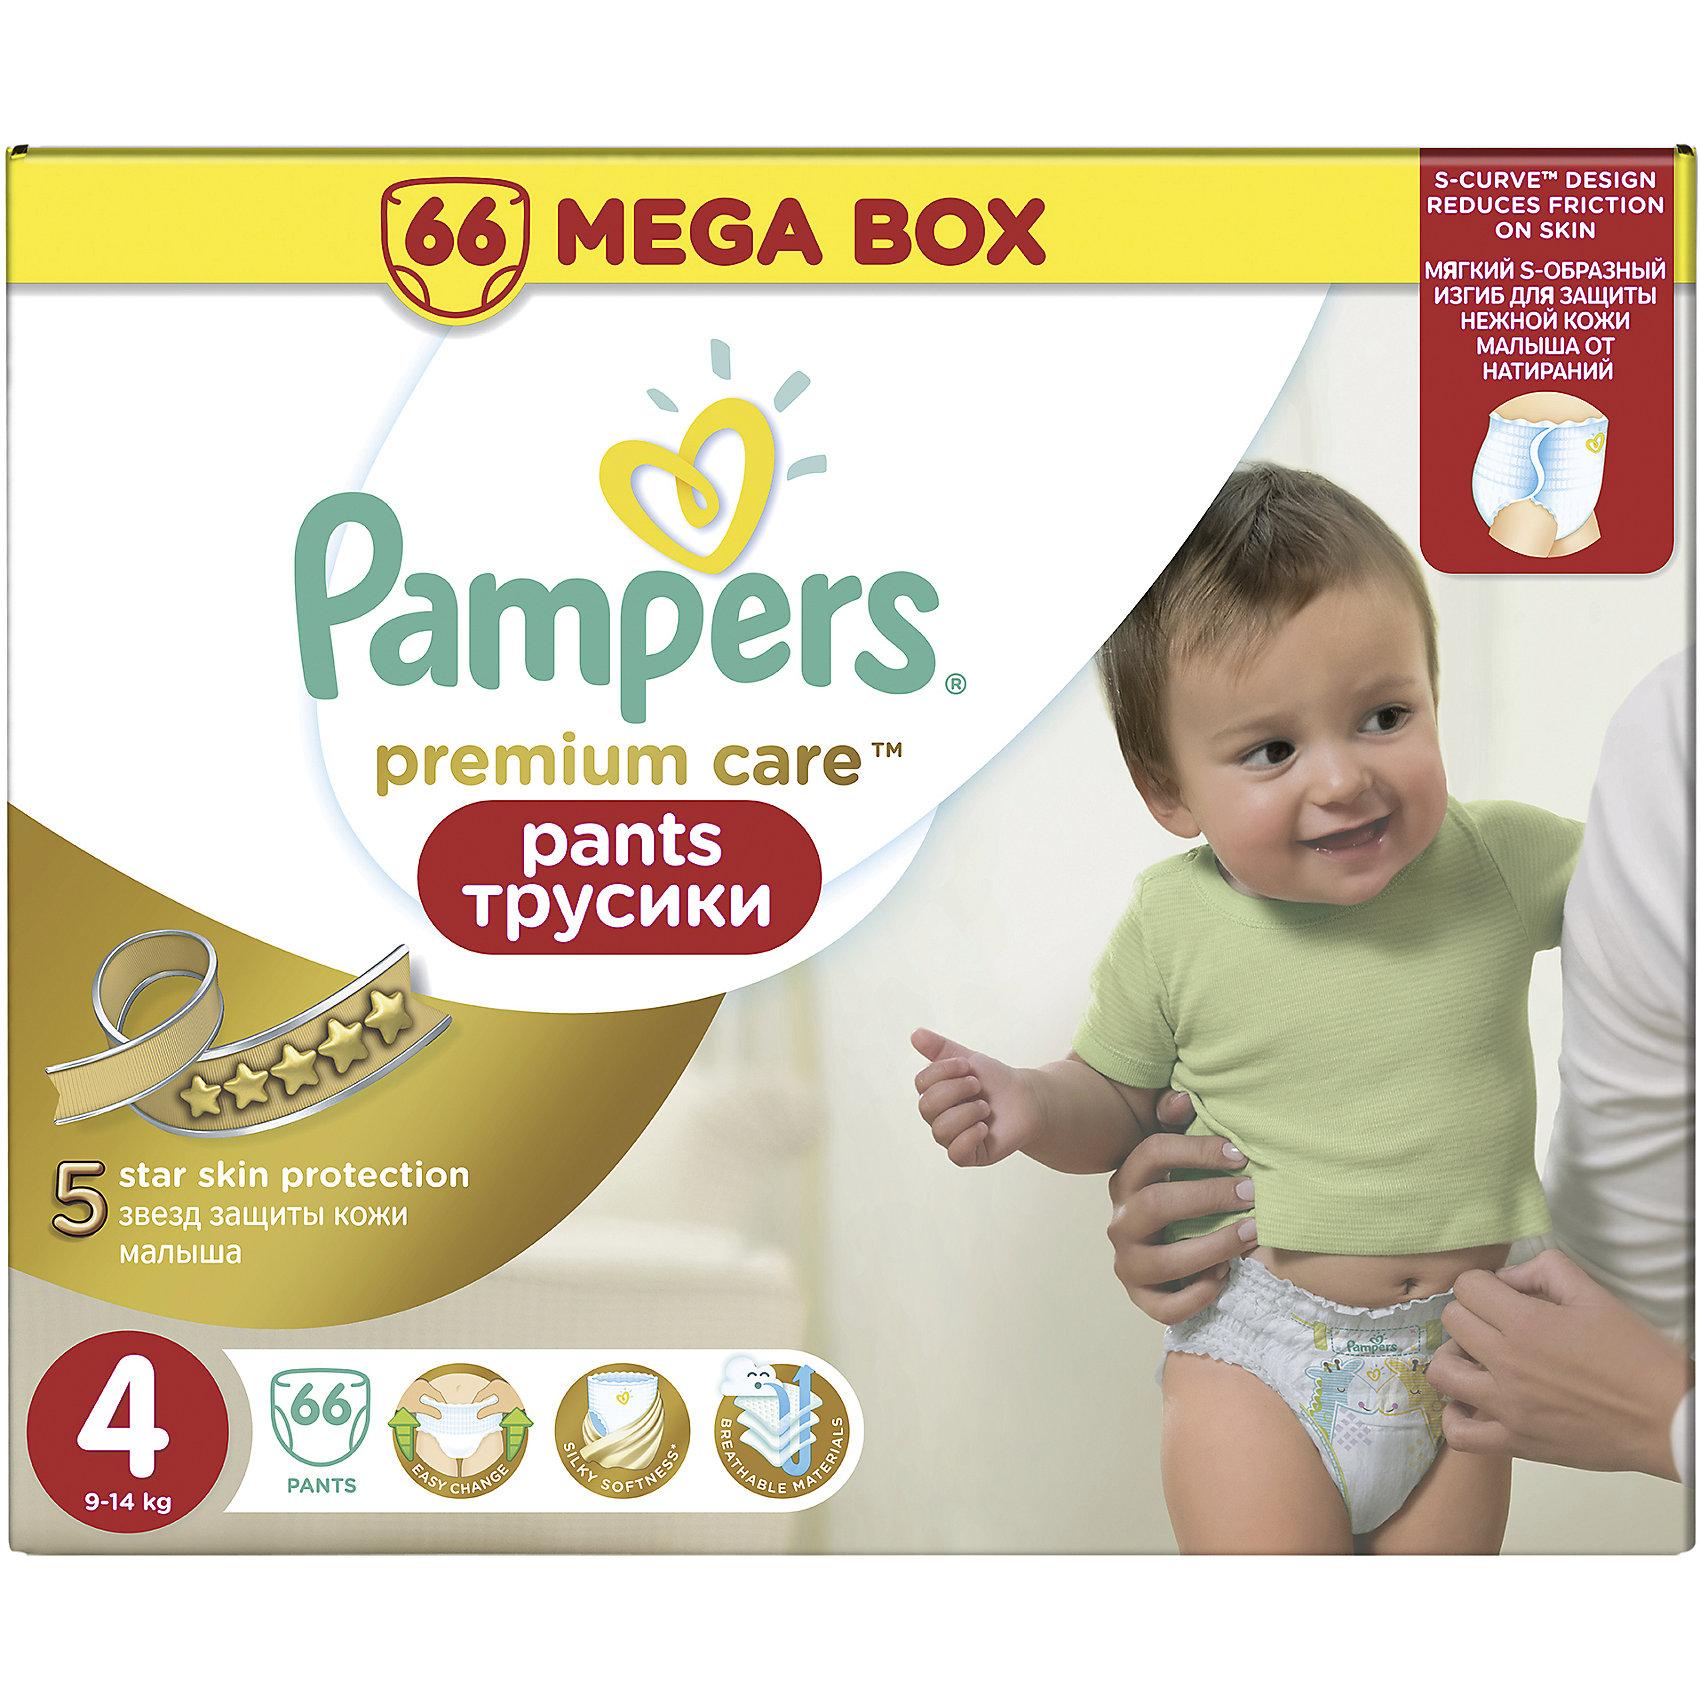 Подгузники-трусики Pampers Premium Care Pants, 9-14кг, размер 4, 66 шт., PampersТрусики-подгузники<br>Характеристики:<br><br>• Вид подгузника: трусики<br>• Пол: универсальный<br>• Тип подгузника: одноразовый<br>• Коллекция: Premium Care<br>• Предназначение: для использования в любое время суток <br>• Размер: 4<br>• Вес ребенка: от 9 до 14 кг<br>• Количество в упаковке: 66 шт.<br>• Упаковка: картонная коробка<br>• Размер упаковки: 36*23,9*30,3 см<br>• Вес в упаковке: 2 кг 477 г<br>• Наружные боковые швы<br>• Подходят для чувствительной кожи<br>• Индикатор влаги<br>• Дышащие материалы<br>• Повышенные впитывающие свойства<br><br>Трусики Pampers Premium Care Pants, 9-14 кг, размер 4, 66 шт., Pampers – это новейшая линейка детских подгузников от Pampers, которая сочетает в себе высокое качество и безопасность материалов, удобство использования и комфорт для нежной кожи малыша. Подгузники выполнены в виде трусиков и предназначены для детей весом до 14 кг. Инновационные технологии и современные материалы обеспечивают этим подгузникам Дышащие свойства, что особенно важно для кожи малыша. <br><br>Три впитывающих слоя обеспечивают повышенные впитывающие качества, при этом верхний слой остается сухим и мягким. У трусиков предусмотрена эластичная мягкая резиночка на спинке и манжеты на ножках, что защищает от протекания. У изделия имеется индикатор сухости-влажности: полоска, которая по мере наполнения меняет цвет. Боковые наружные швы не натирают нежную кожу малыша, легко разрываются при смене трусиков. Сзади имеется клейкая лента, которая позволяет зафиксировать свернутые после использования трусики. Трусики подходит как для мальчиков, так и для девочек. <br><br>Трусики Pampers Premium Care Pants, 9-14 кг, размер 4, 66 шт., Pampers можно купить в нашем интернет-магазине.<br><br>Ширина мм: 360<br>Глубина мм: 239<br>Высота мм: 303<br>Вес г: 2477<br>Возраст от месяцев: 6<br>Возраст до месяцев: 18<br>Пол: Унисекс<br>Возраст: Детский<br>SKU: 5419040